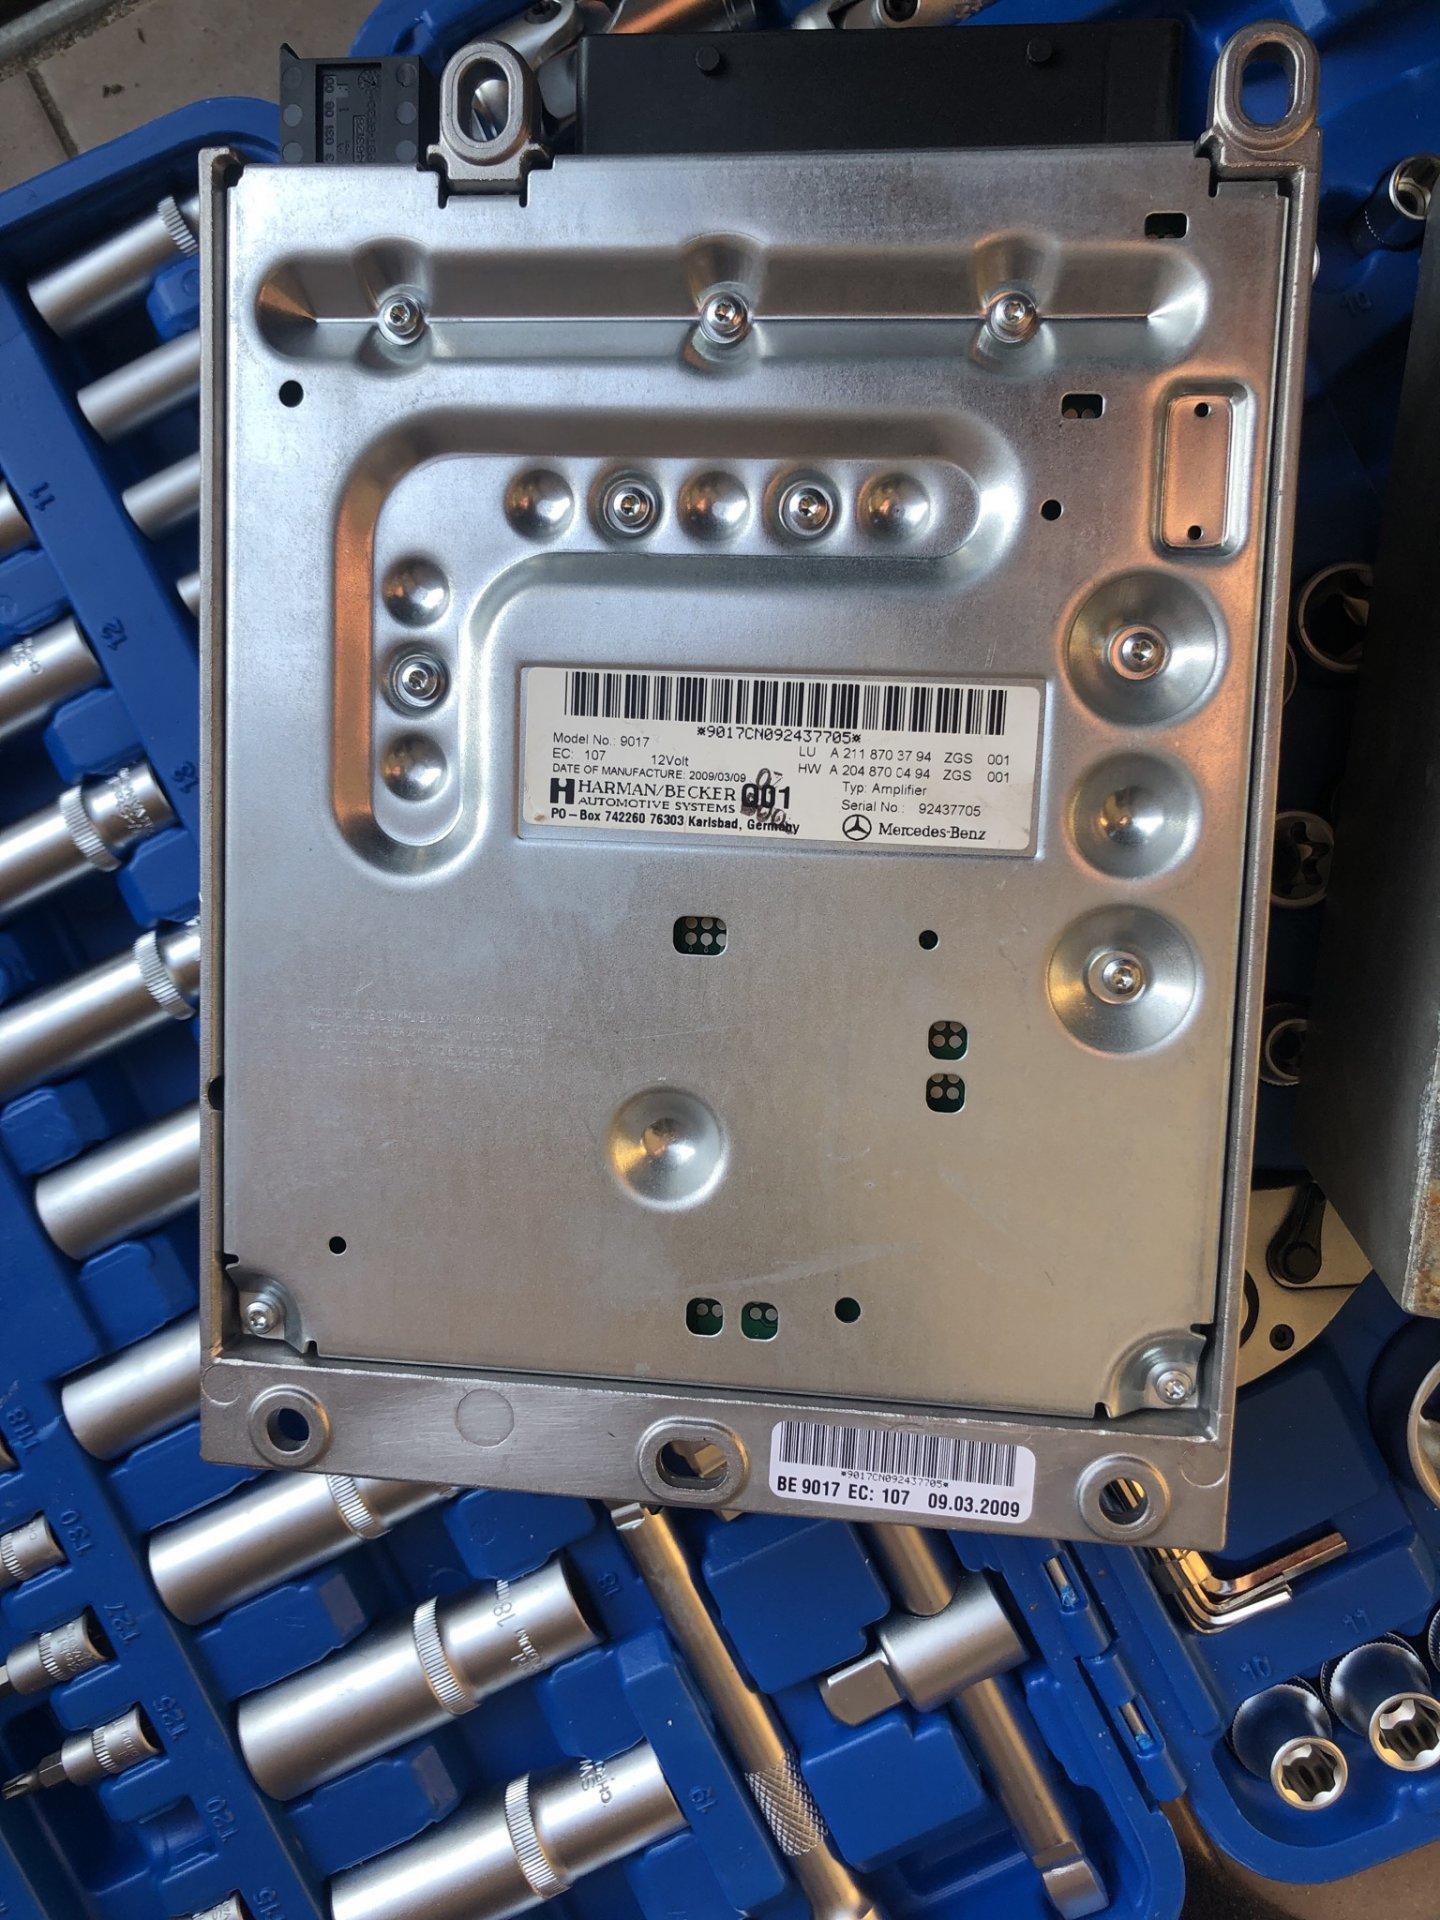 261E5D20-8AFB-4D45-A508-B2A632895C42.jpeg